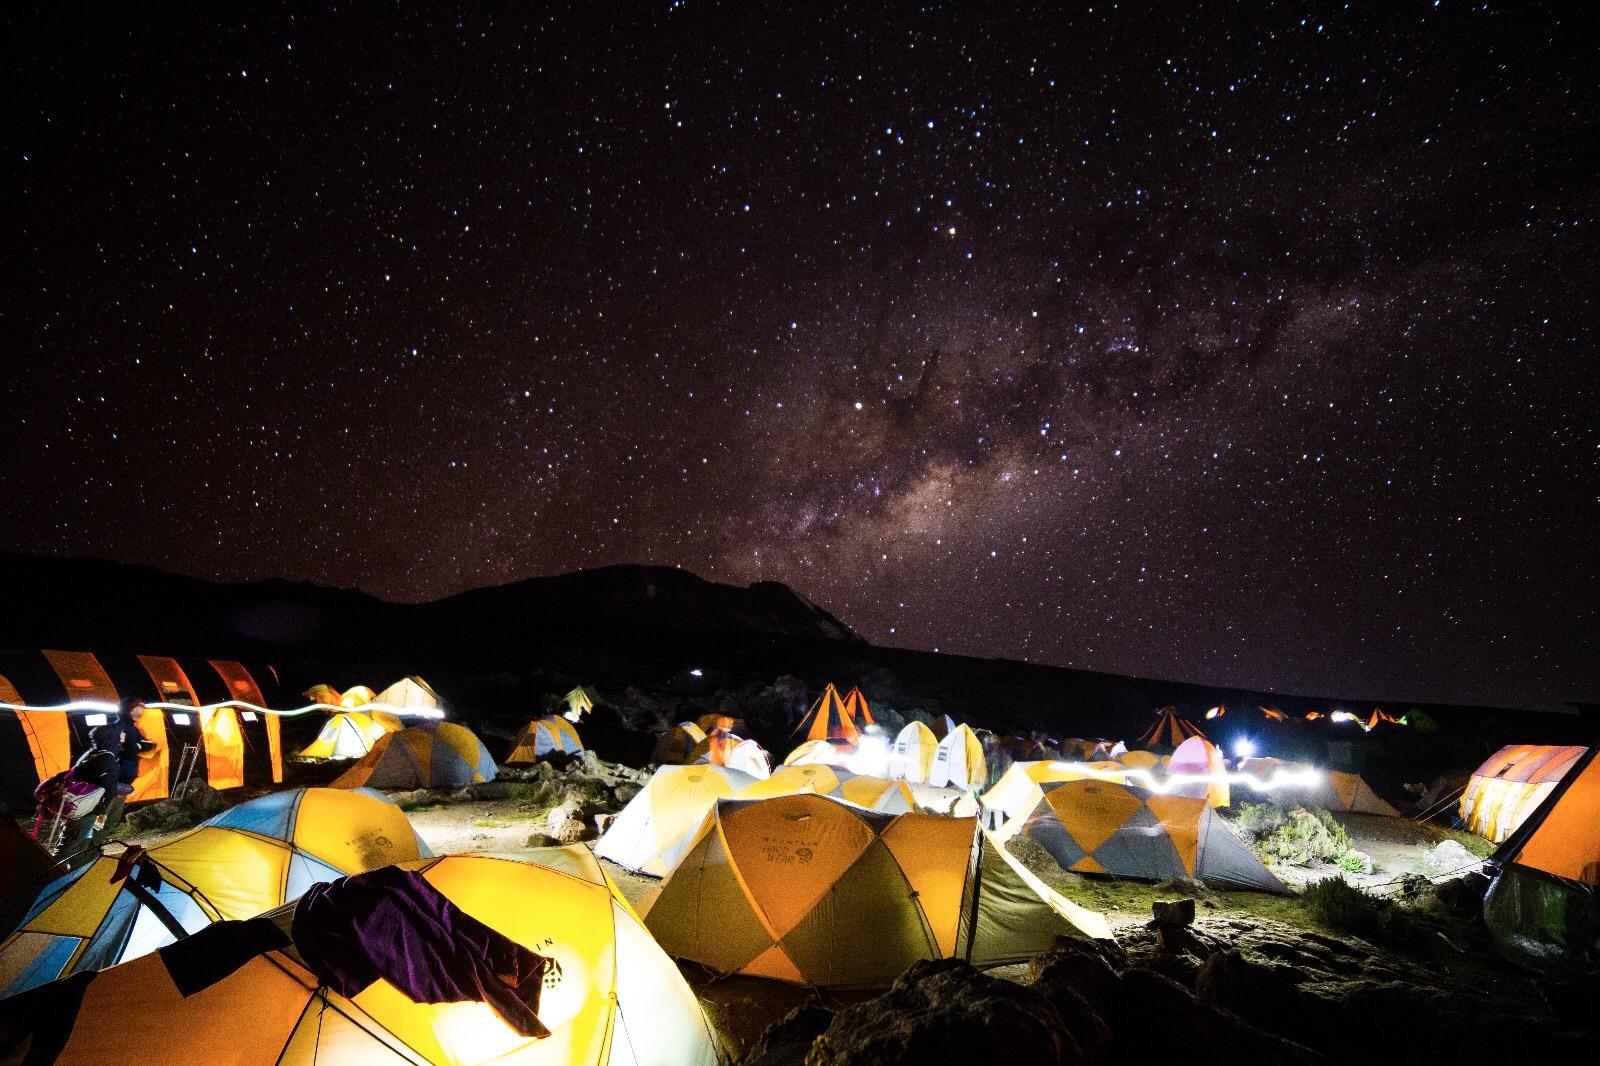 Kilimanjaro Night Sky